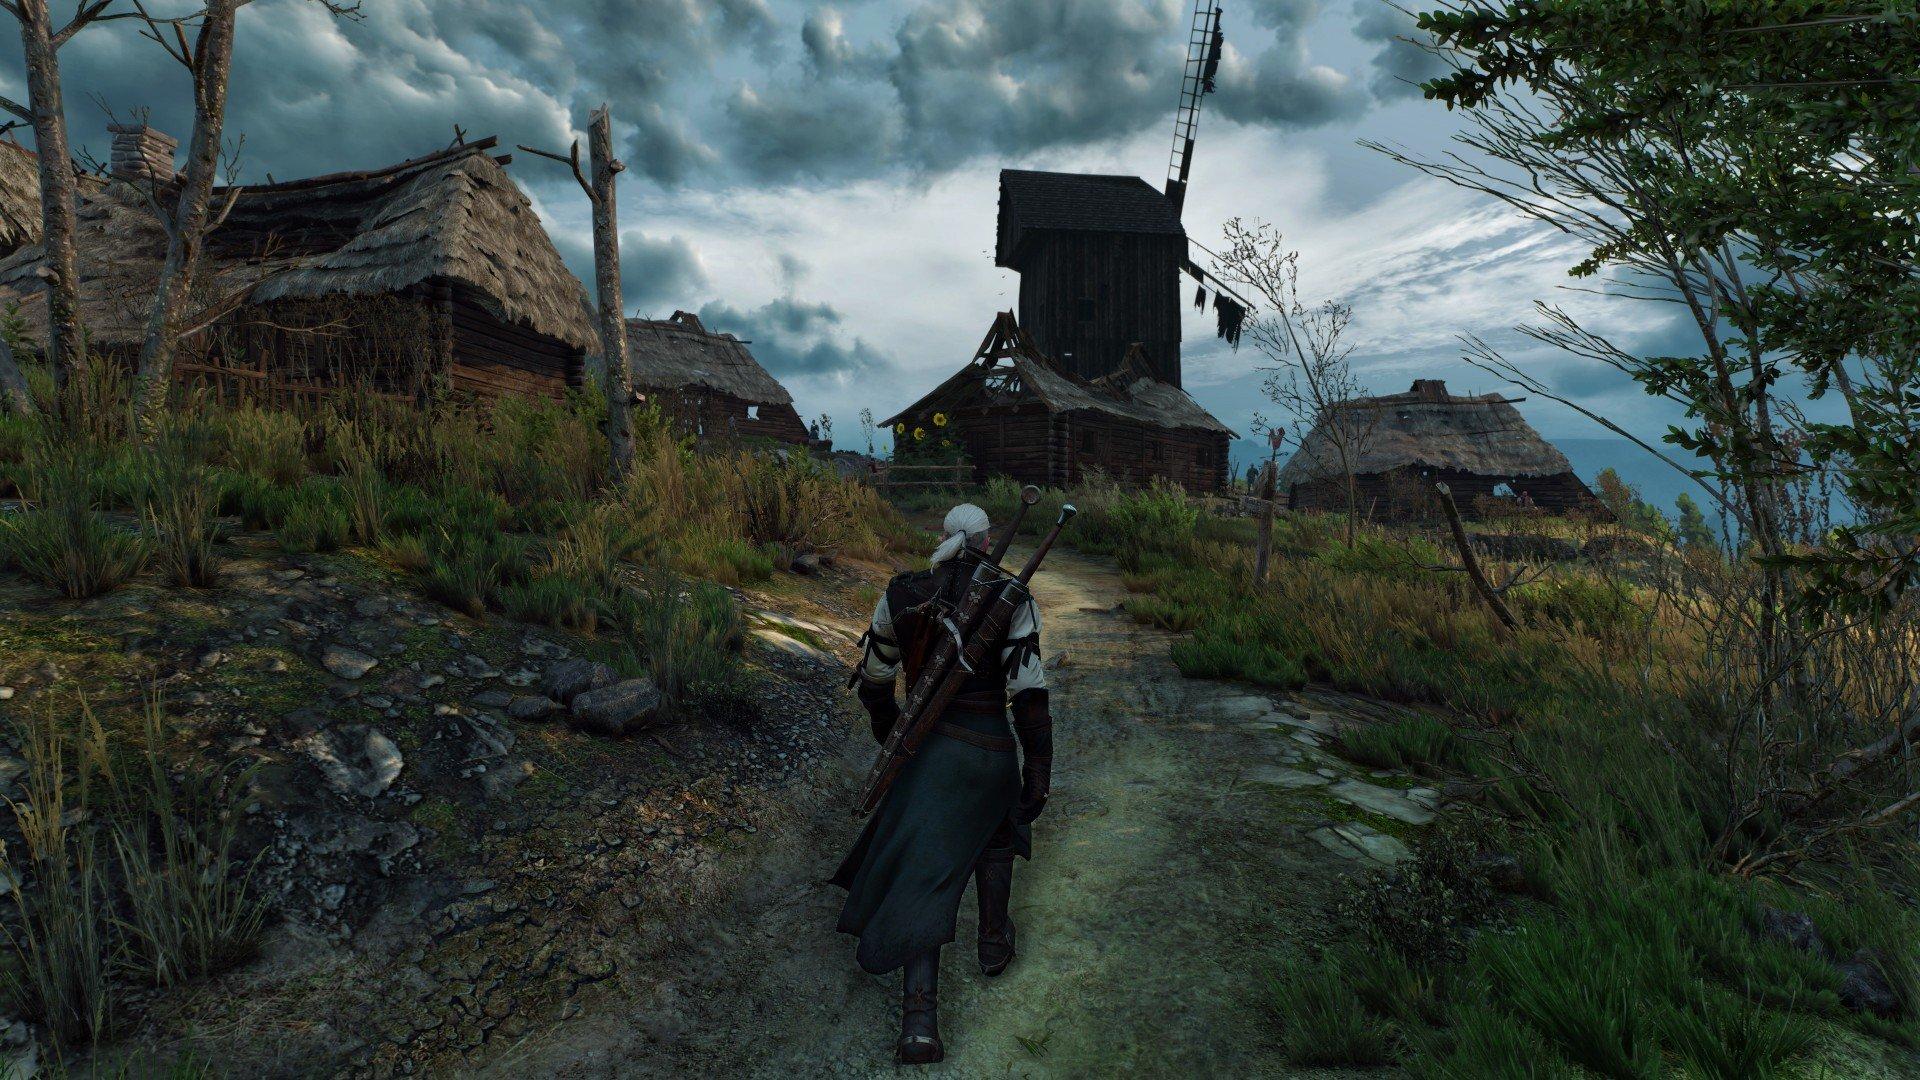 The Witcher 3: Wild Hunt. Все самое интересное за прошедшее время и новые факты.   Факты.    •Если вы хотите заработ ... - Изображение 8